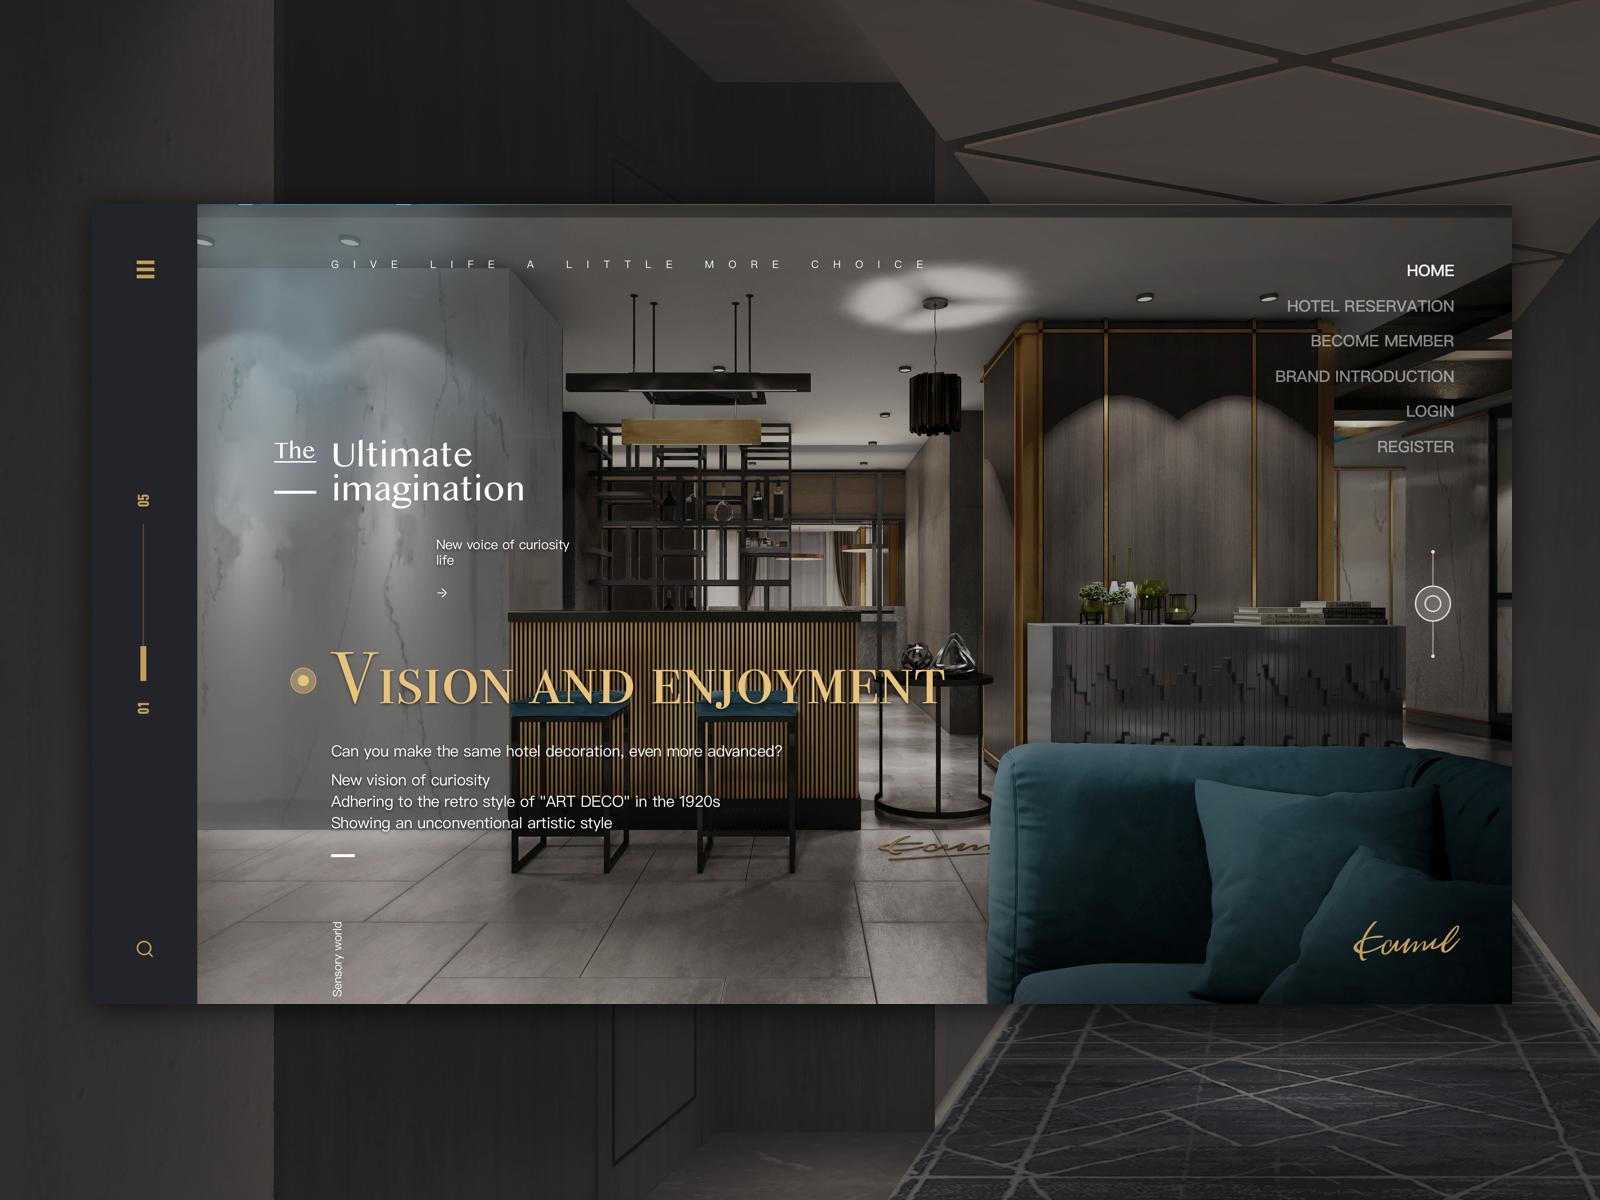 Hotel Web Design With Images Best Interior Design Websites